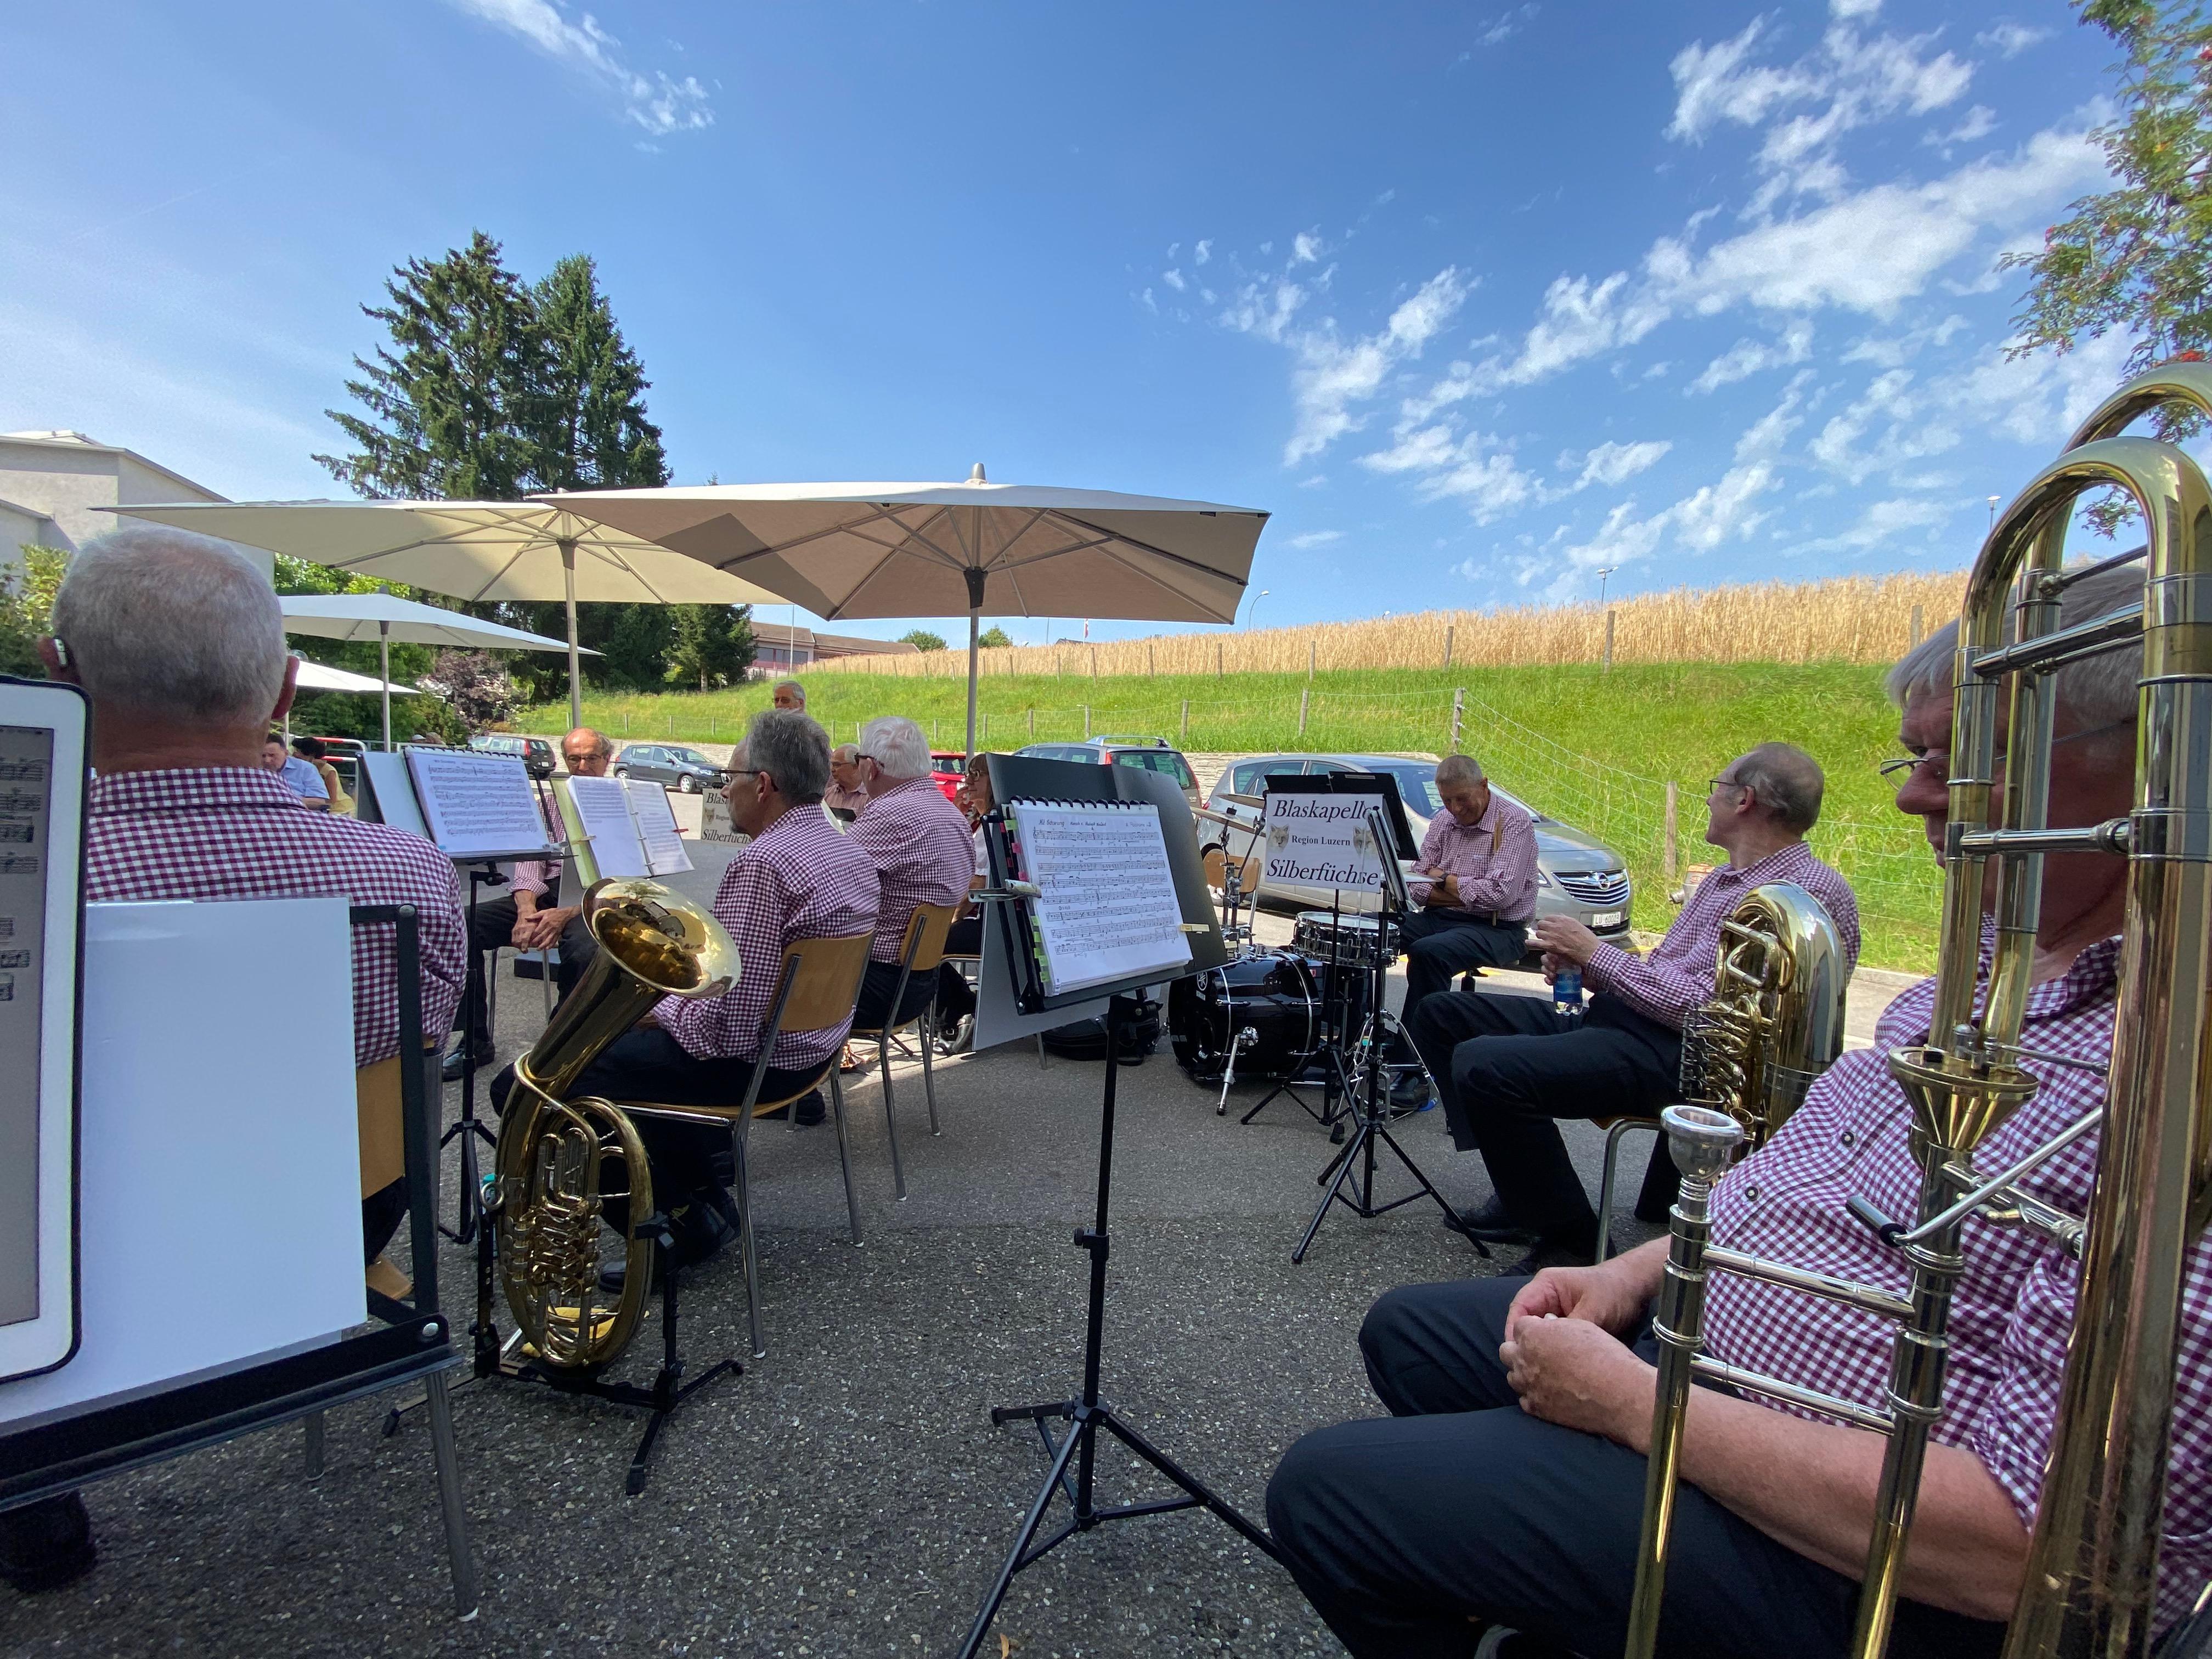 Nachmittags-Konzert Pflegewohnheim Bärgmättli Beromünster (13.08.2021)